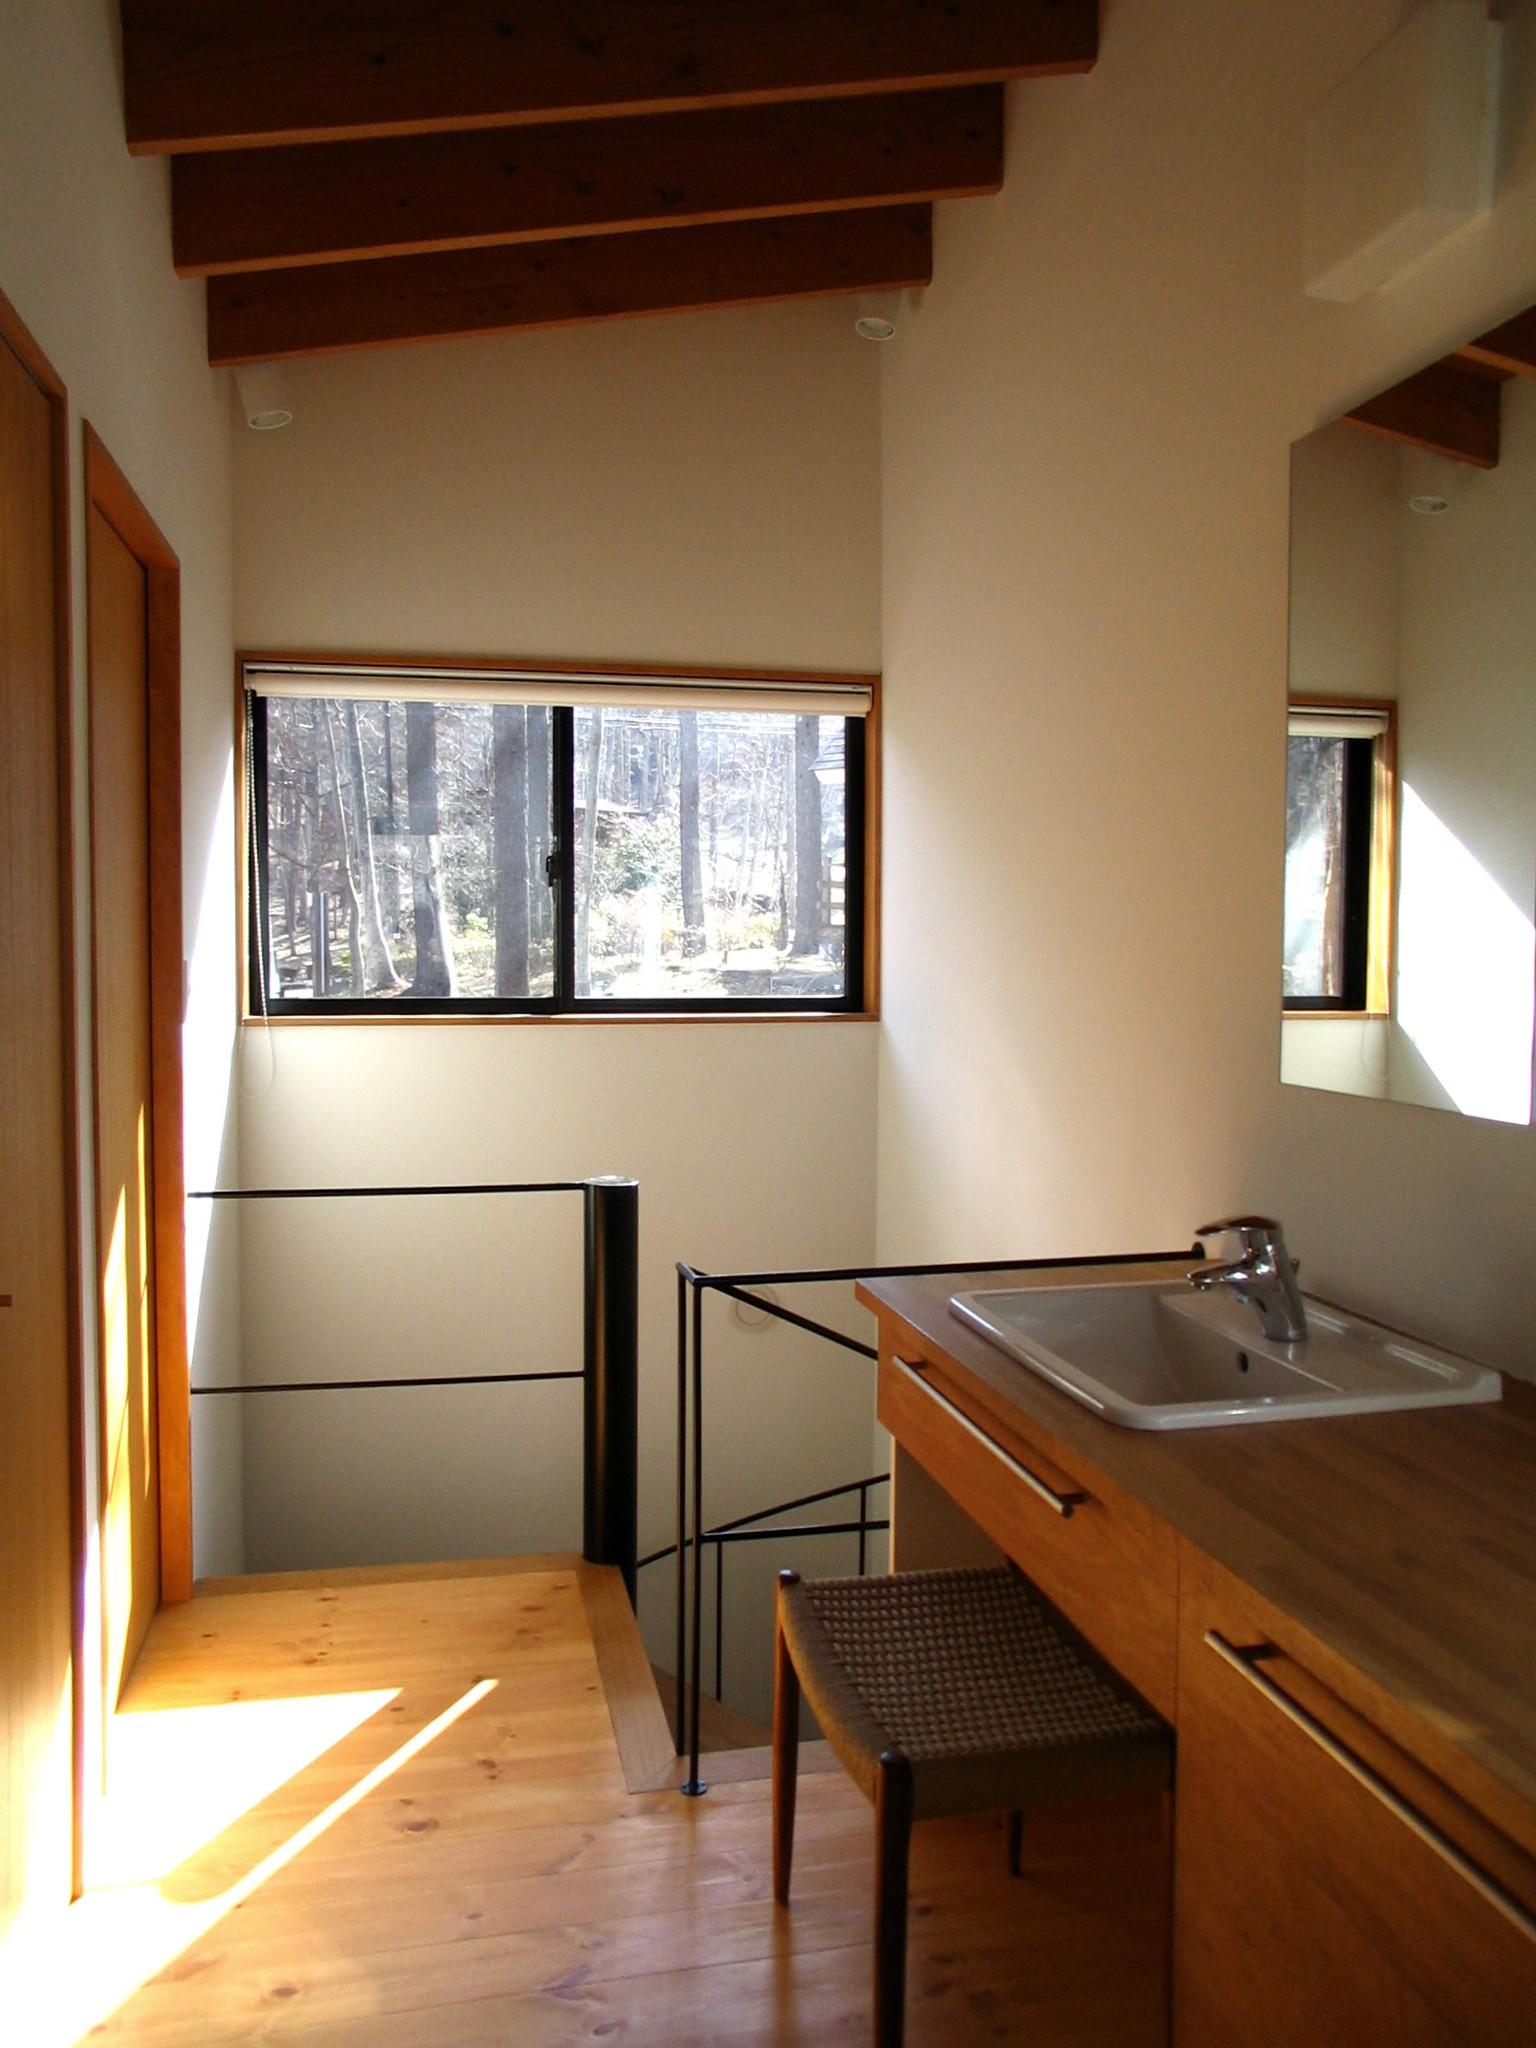 バス/トイレ事例:軽井沢の家 廊下兼洗面脱衣スペース(軽井沢の家~木々を一切切らずそのままの敷地を生かし、そこにそっと置いてあげたような住宅~)